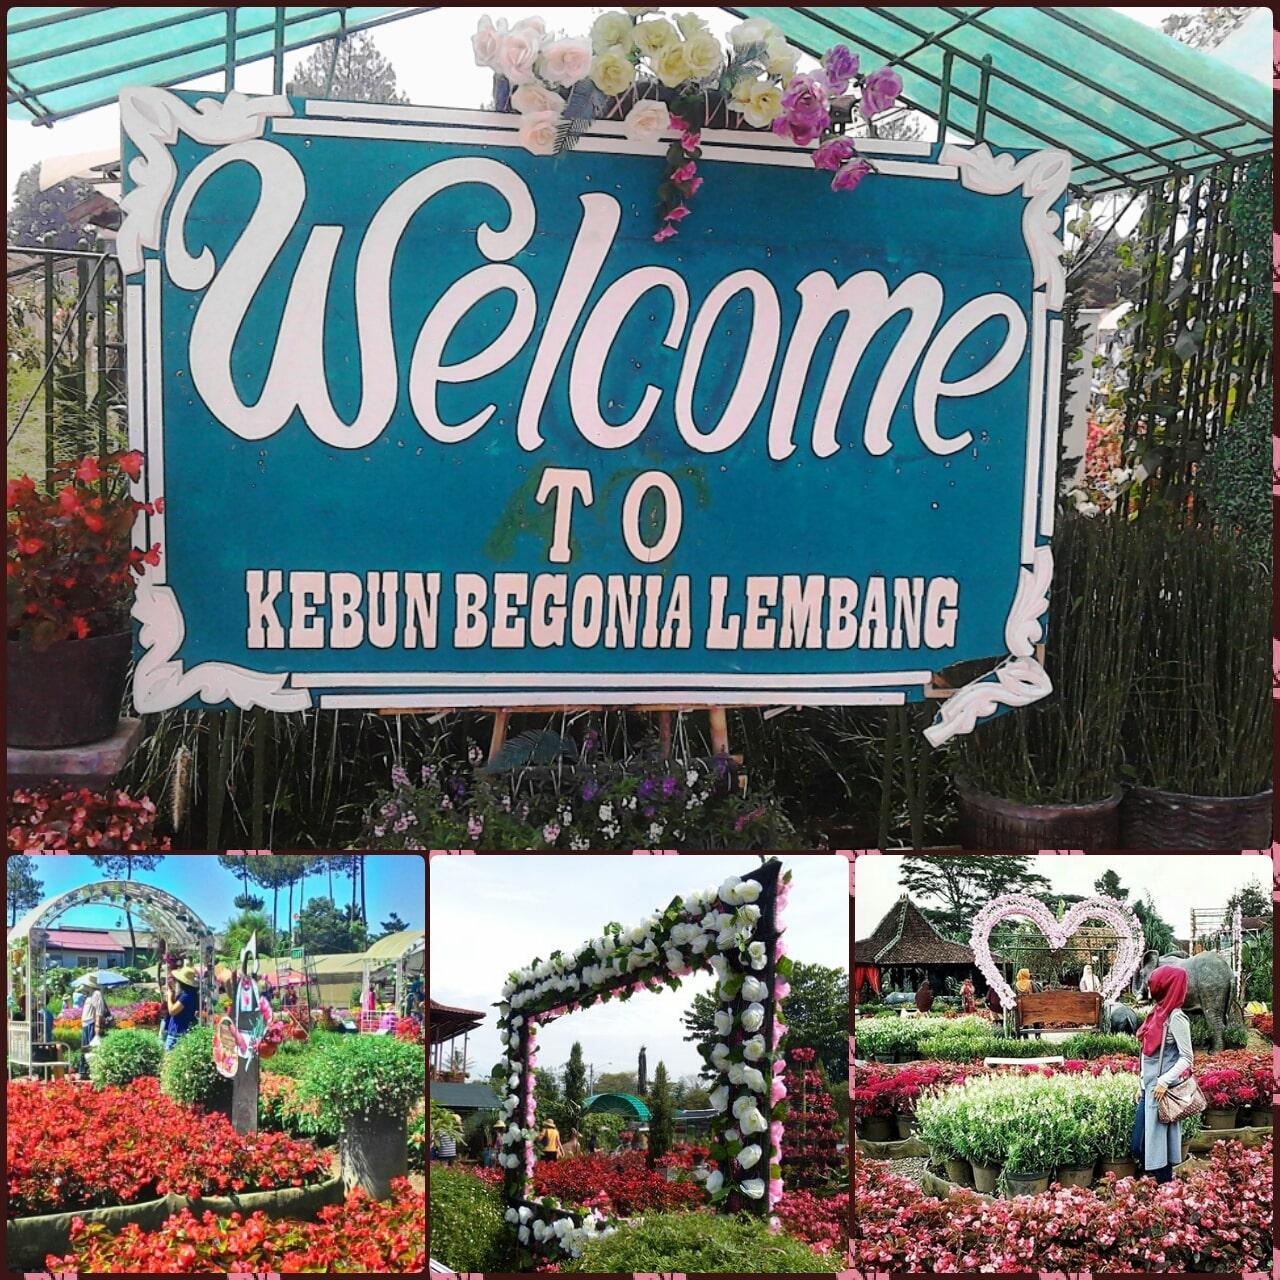 Tempat Wisata Kebun Begonia Lembang Bandung Taman Kab Barat